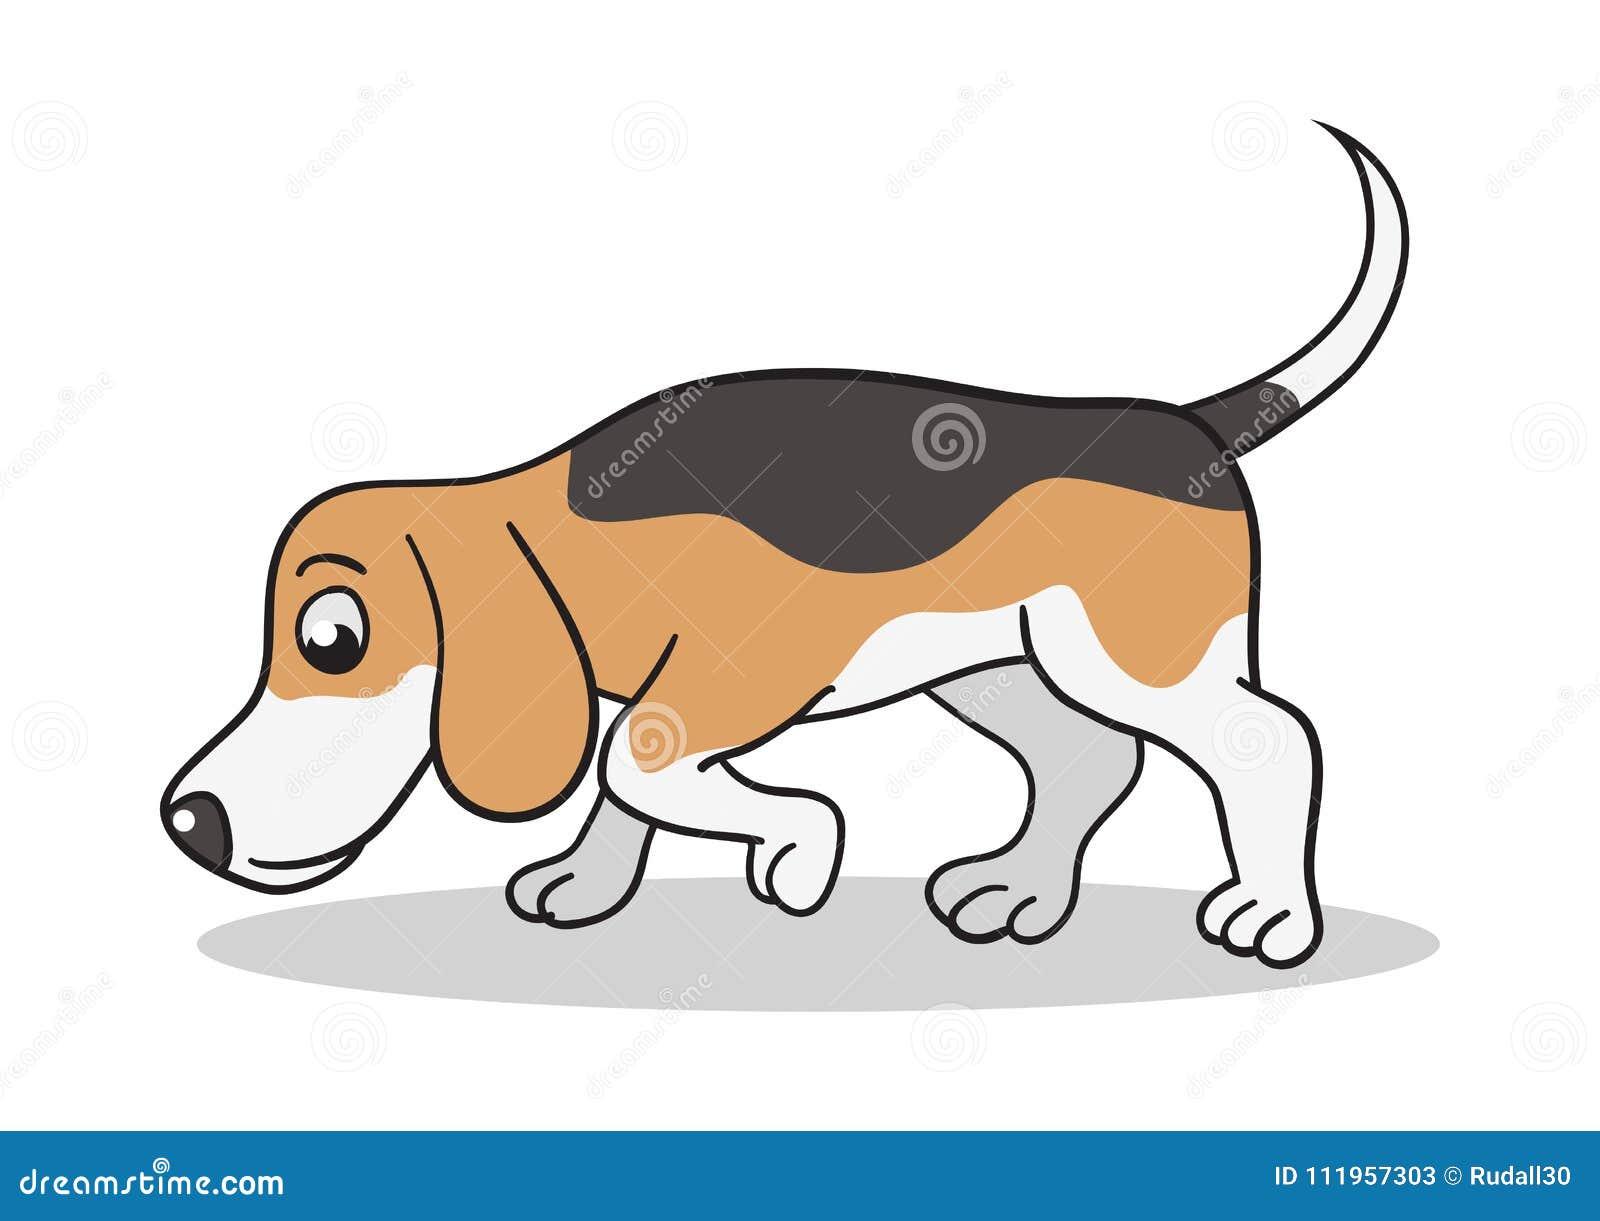 Beagle Dog Cartoon